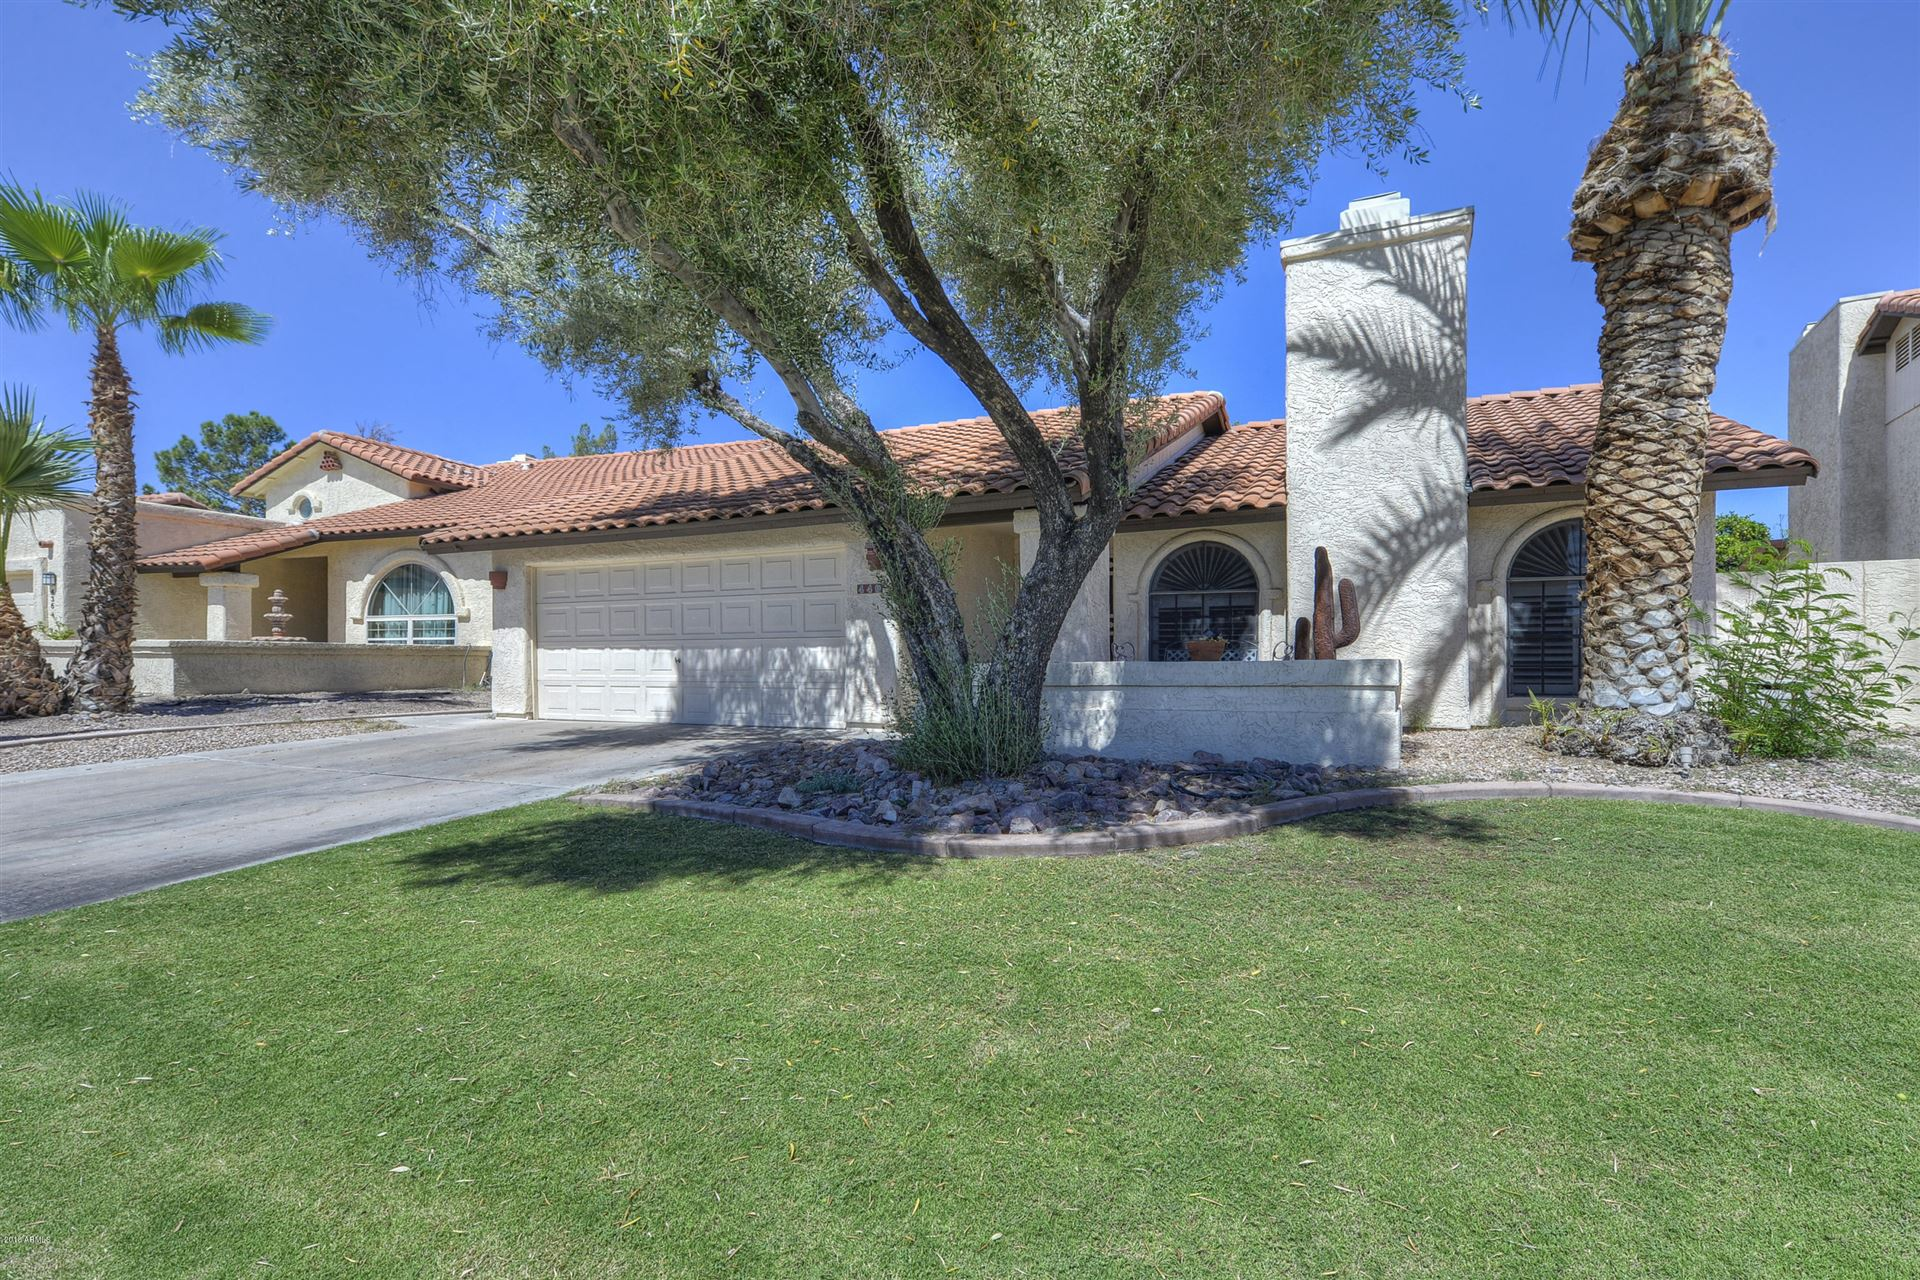 Photo of 440 E SUSAN Lane, Tempe, AZ 85281 (MLS # 6305784)